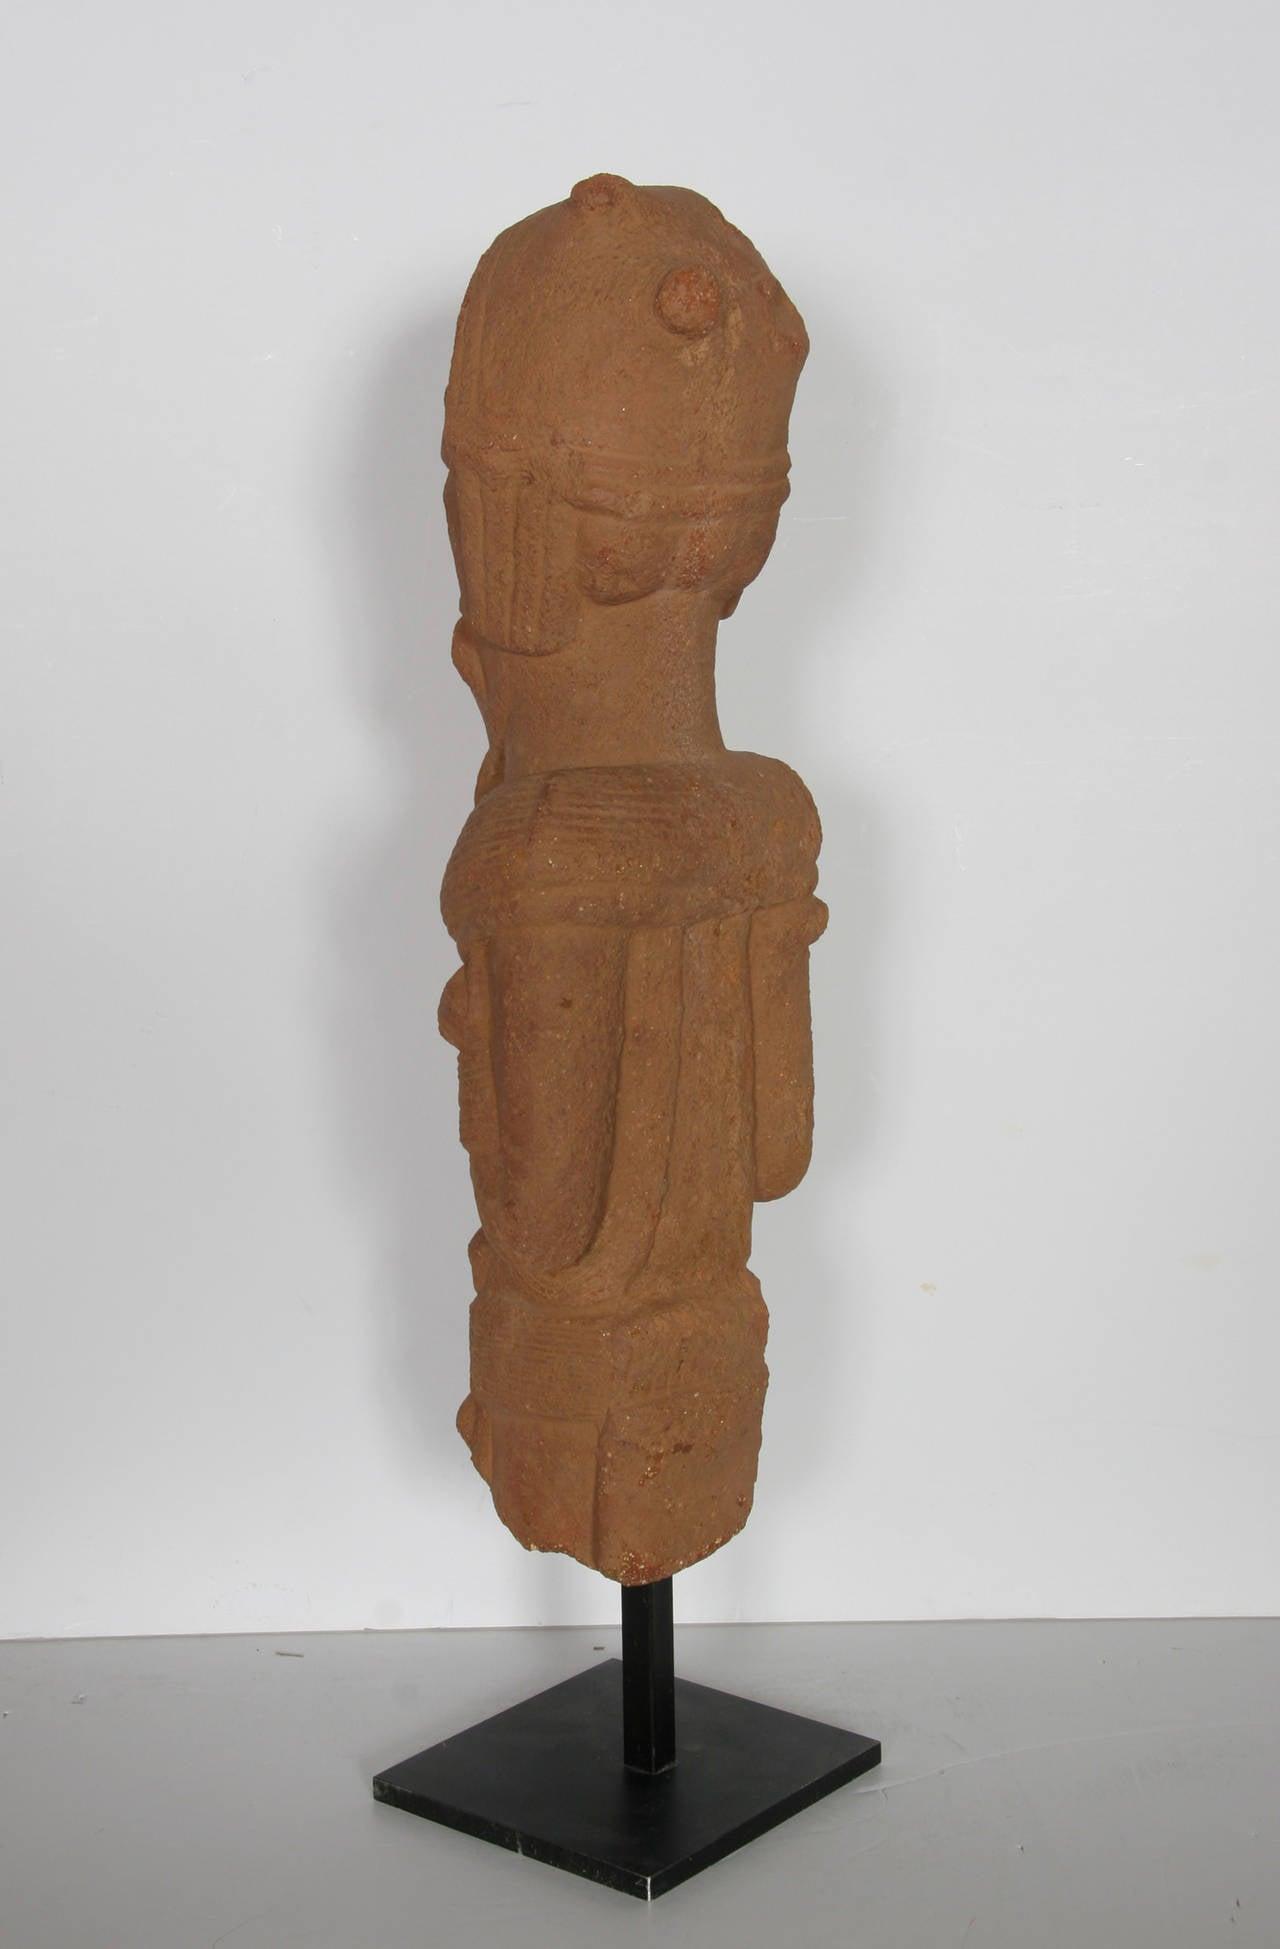 Nok Head Figurine (Nigeria), 500BC-200AD Terra Cotta Sculpture 2